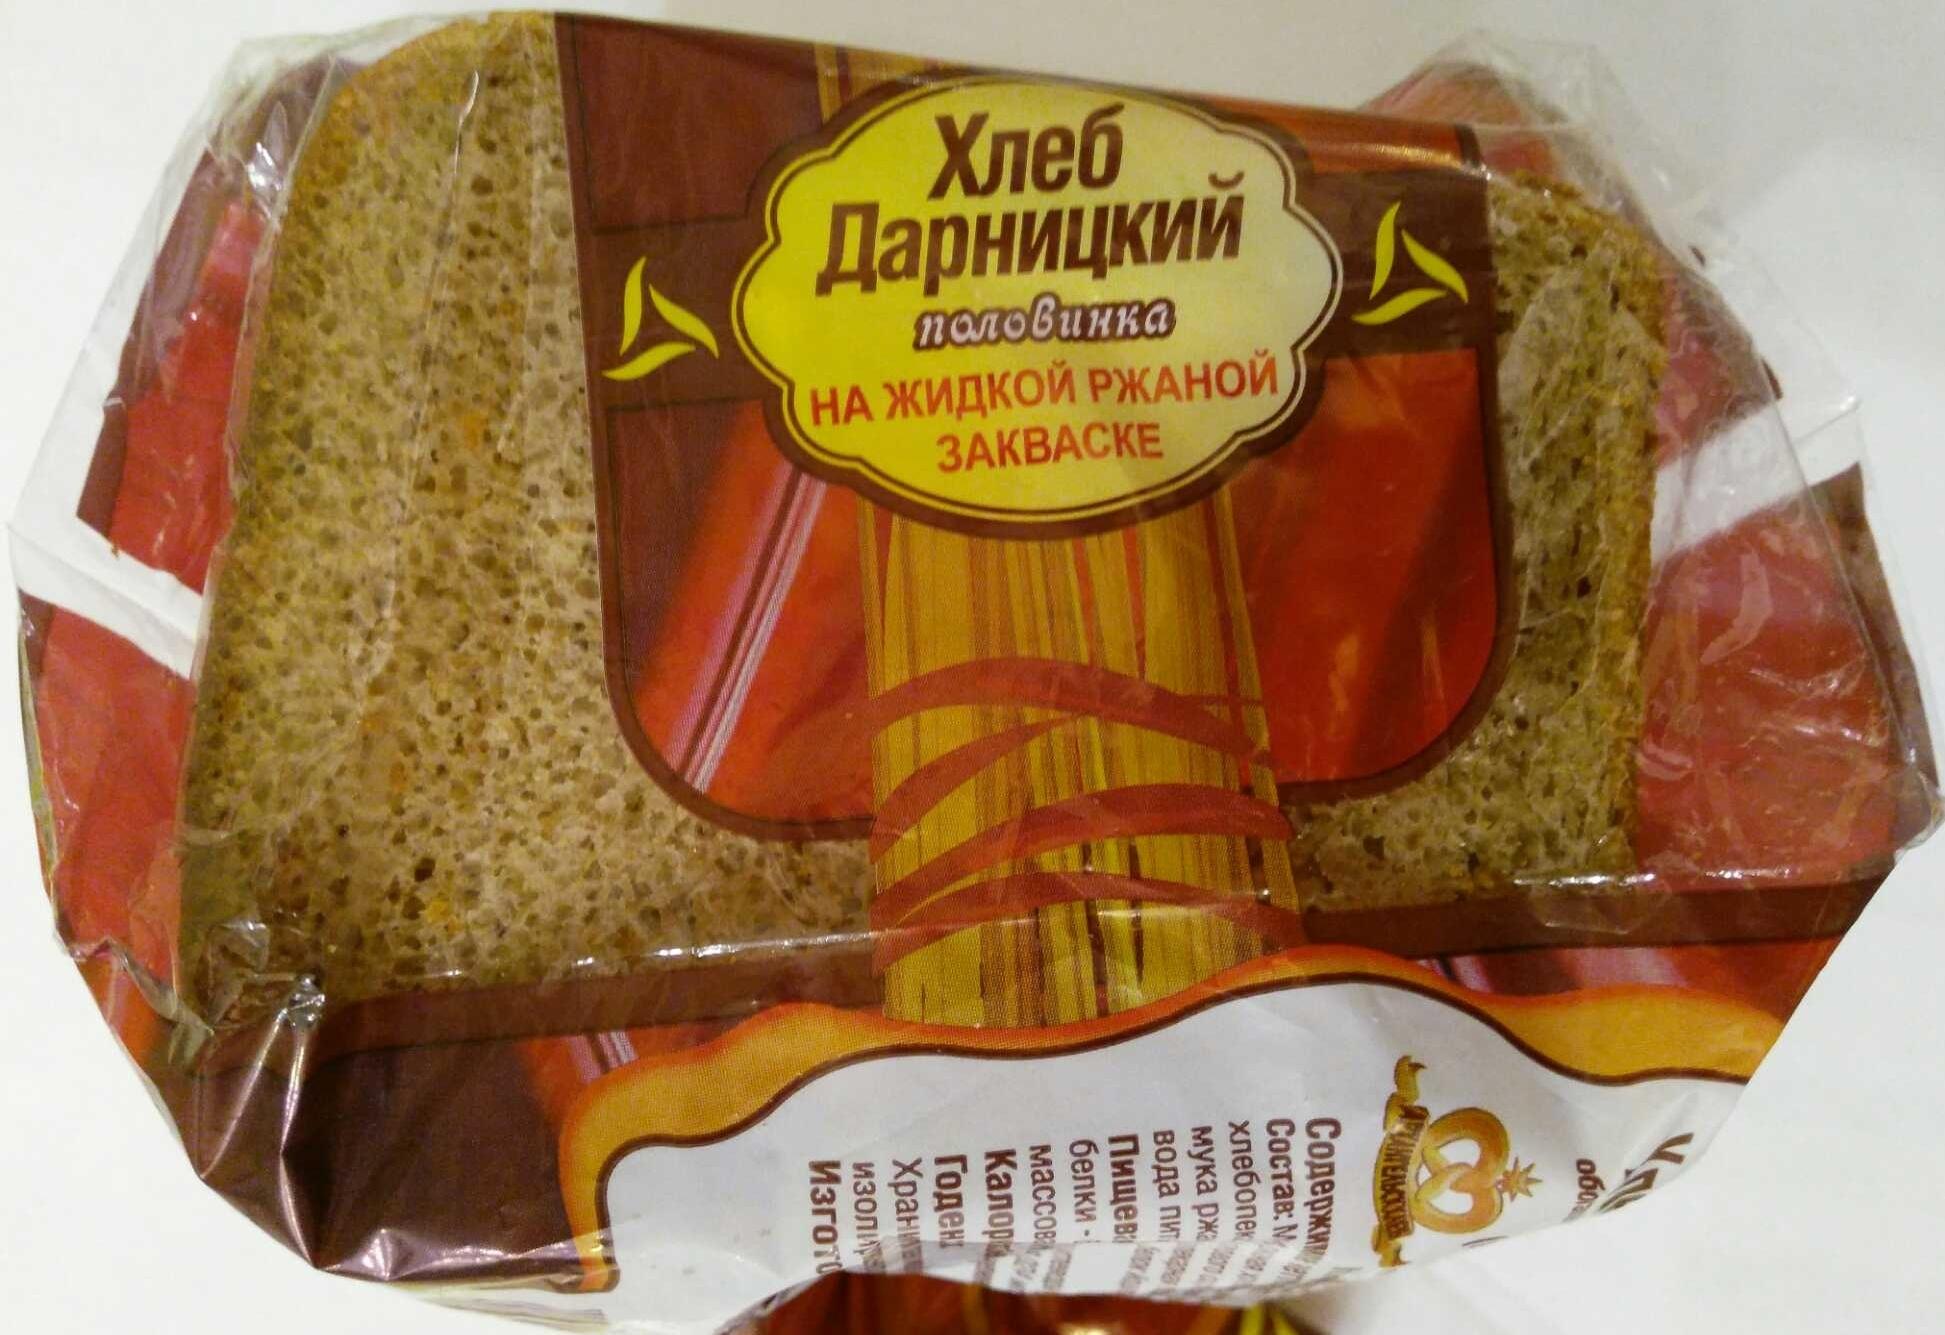 Ржаной хлеб для хлебопечки фото рецепты